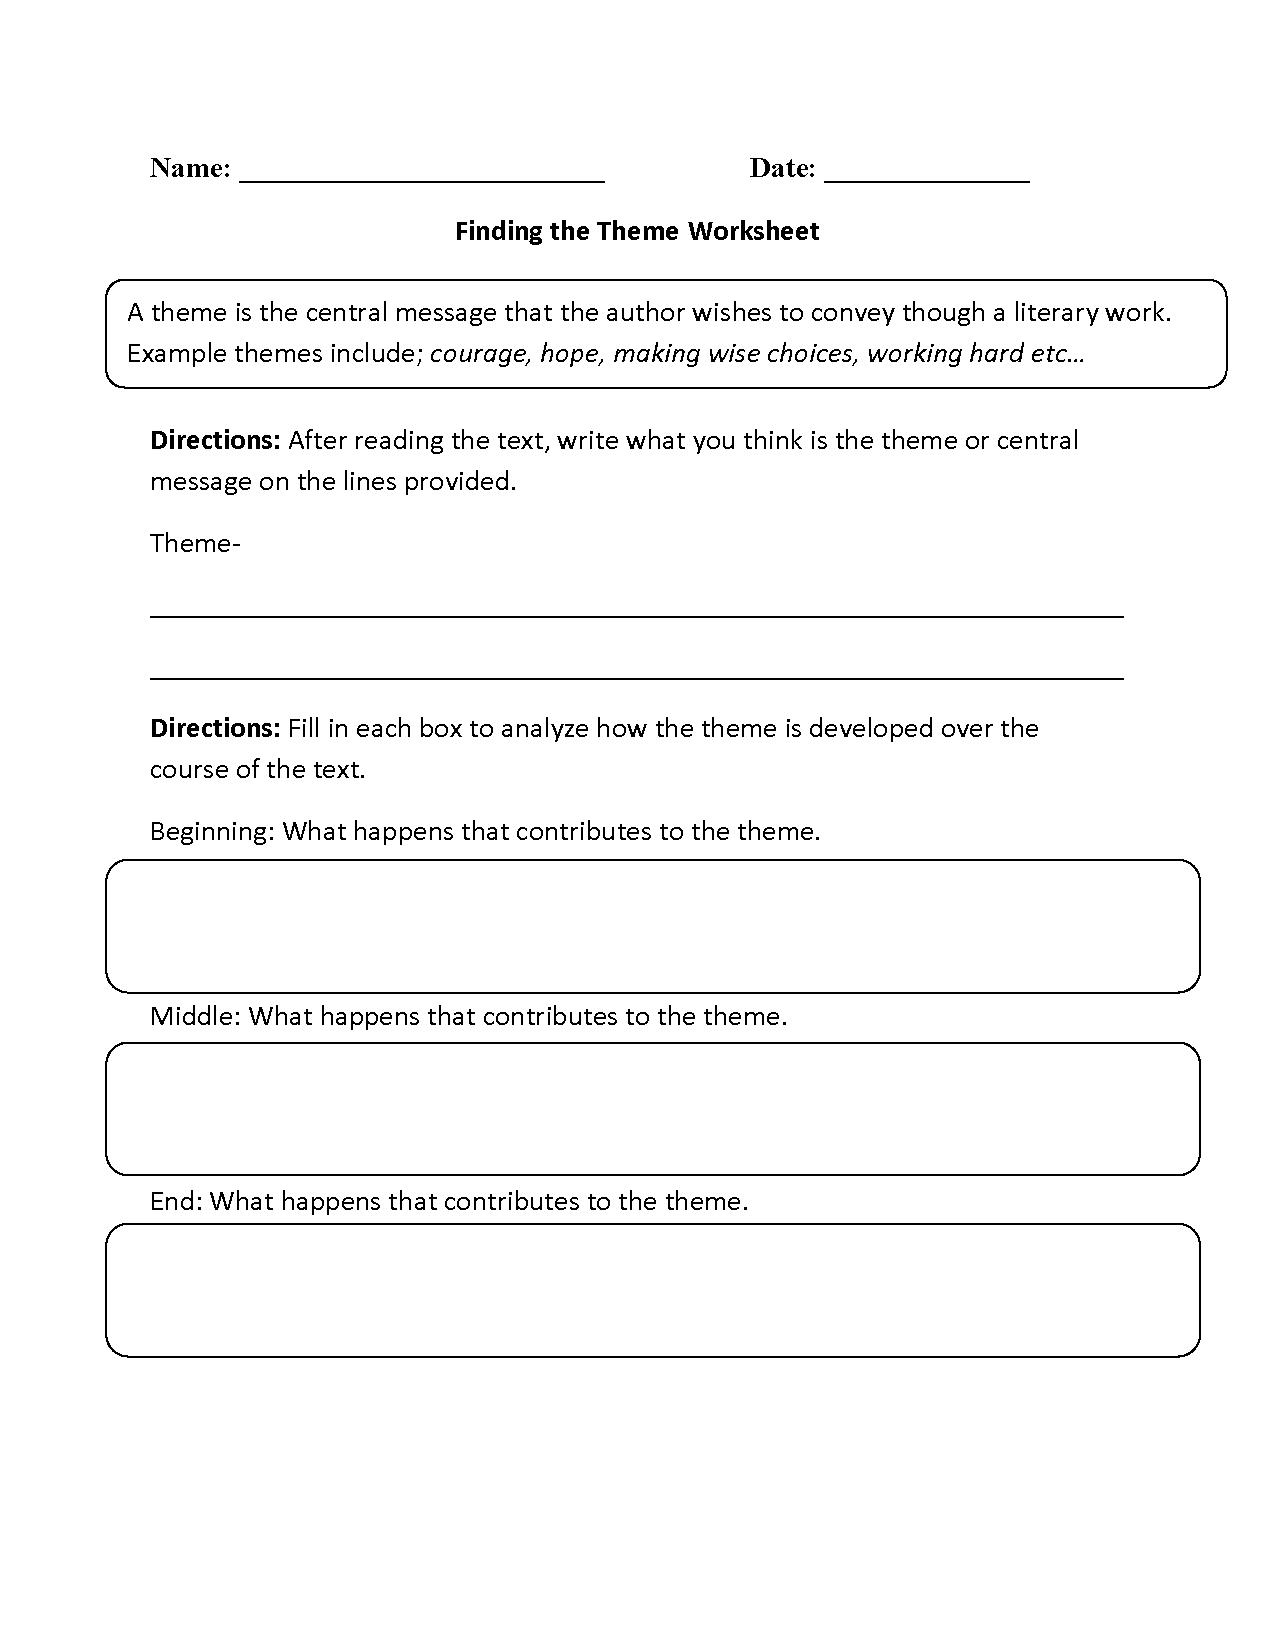 Finding The Theme Worksheet Beginner